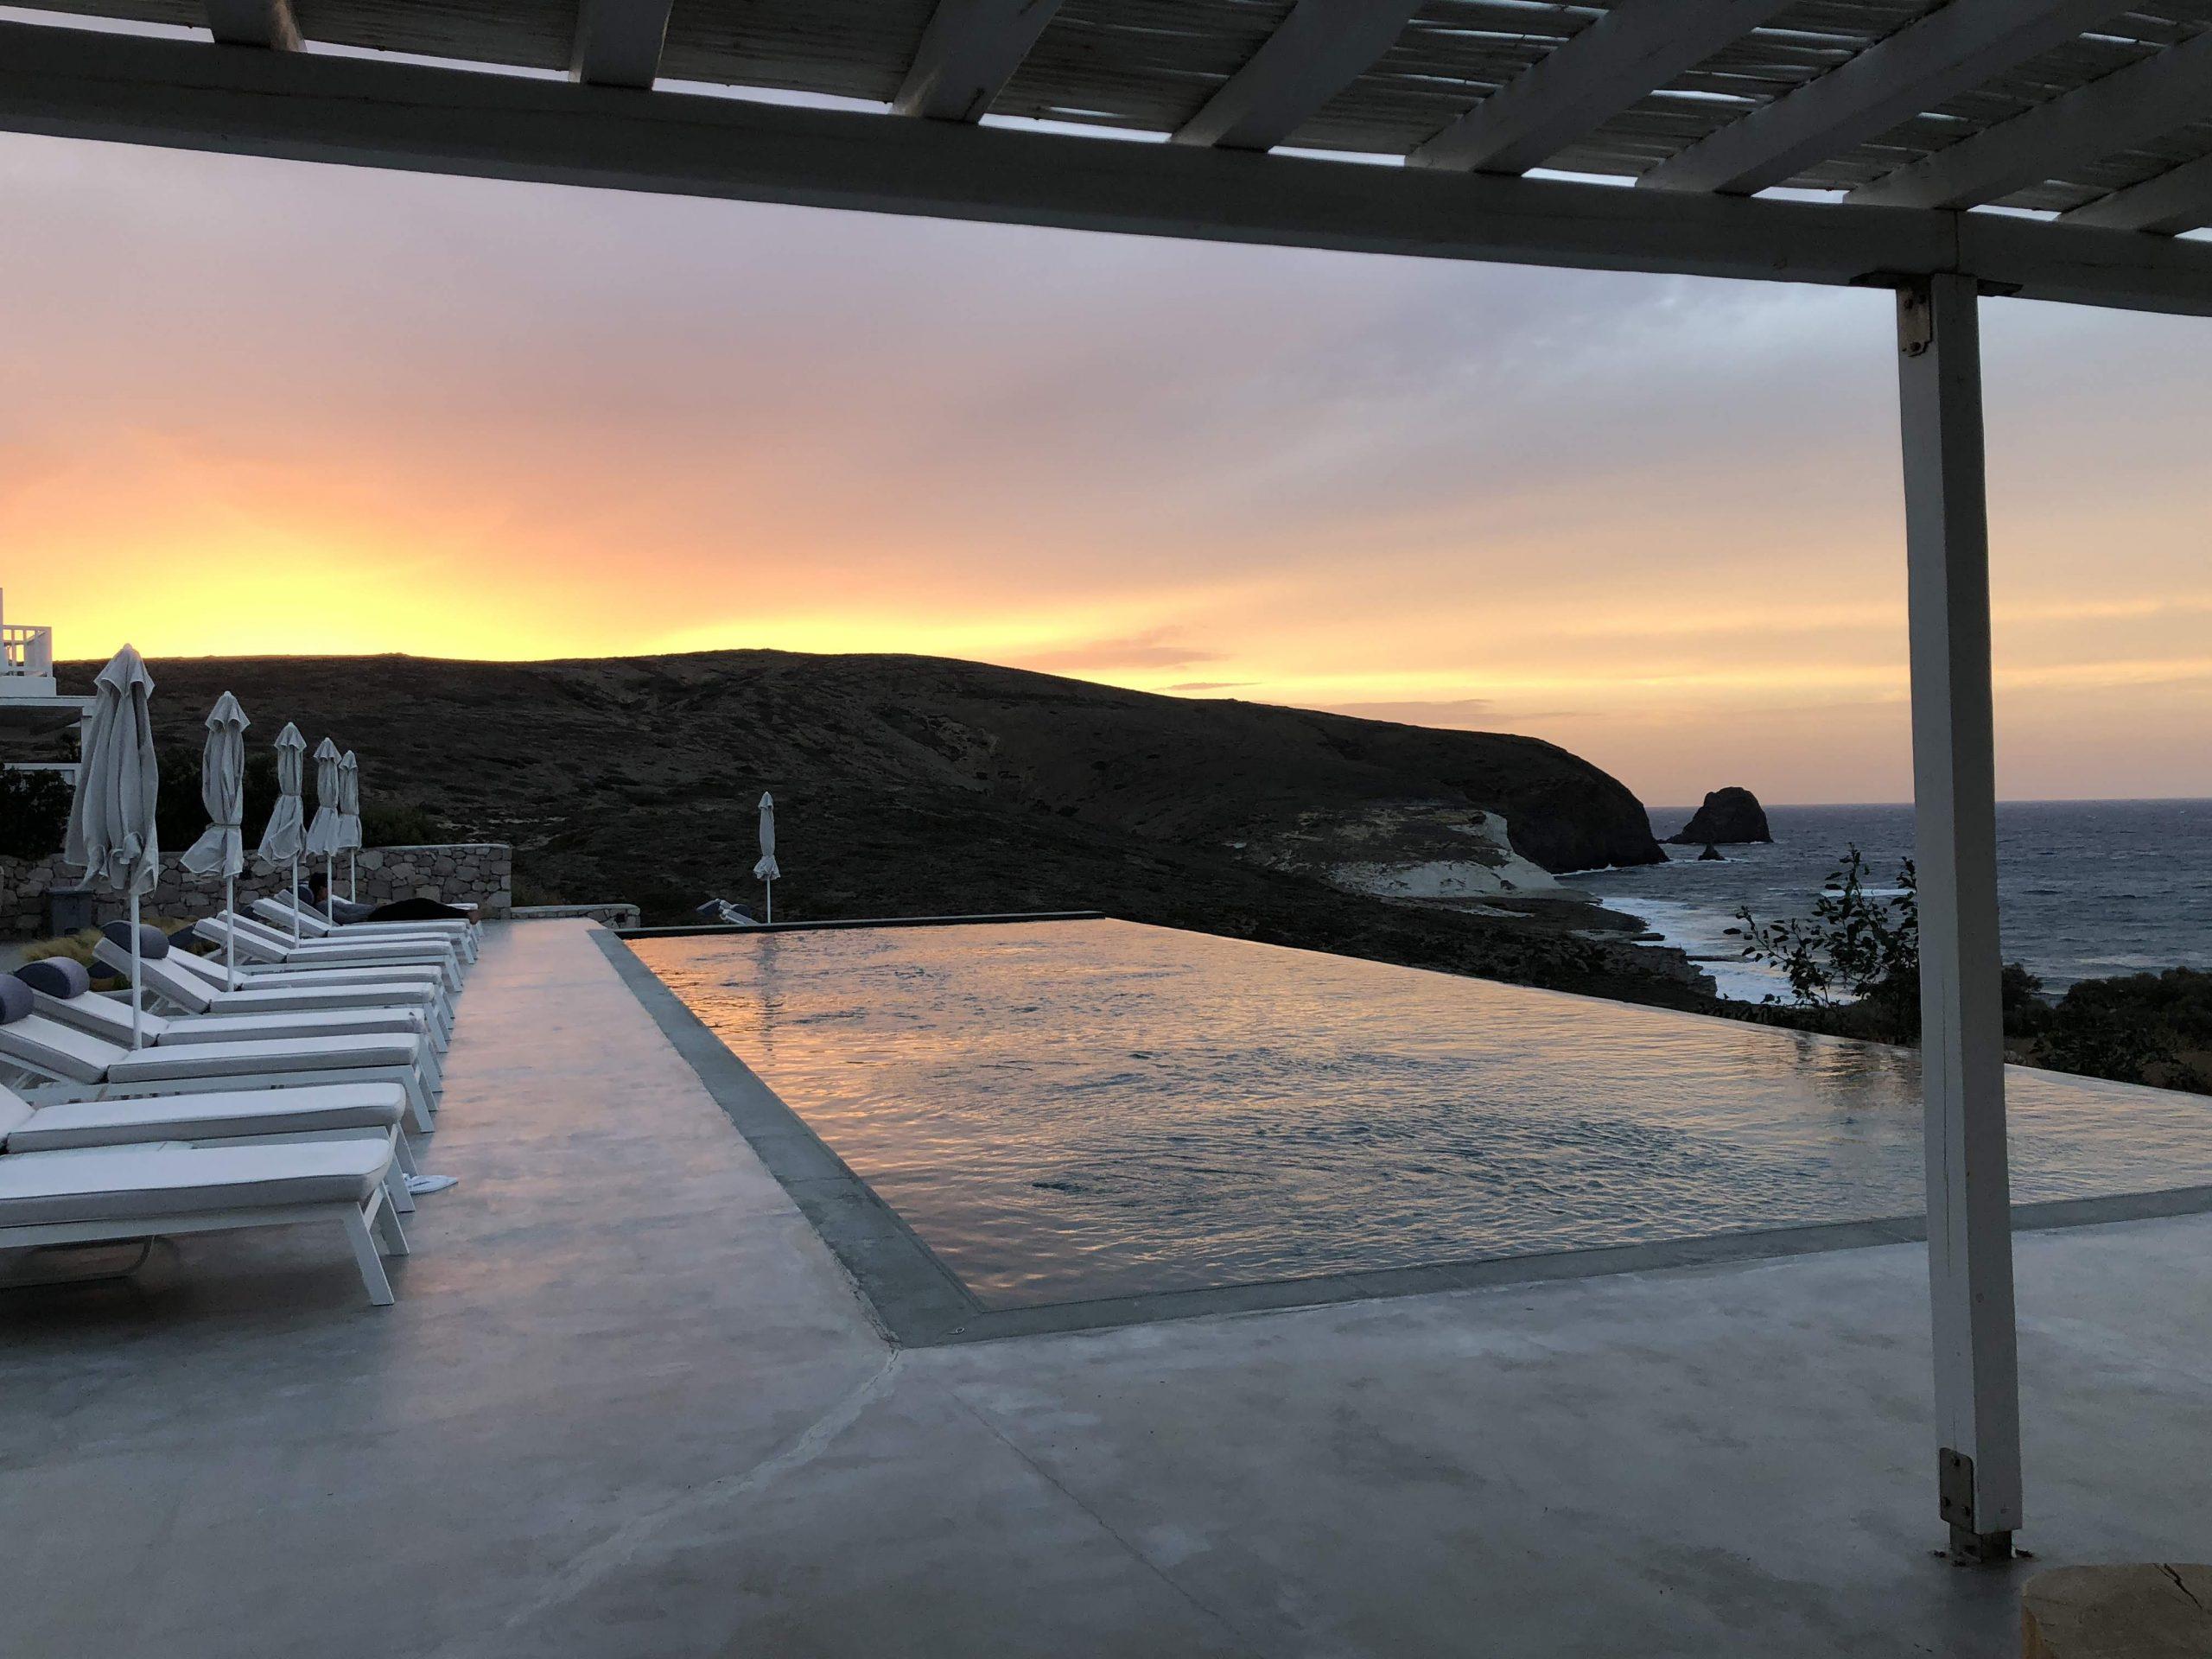 Piscine au couché de soleil Milos Breeze Boutique Hotel